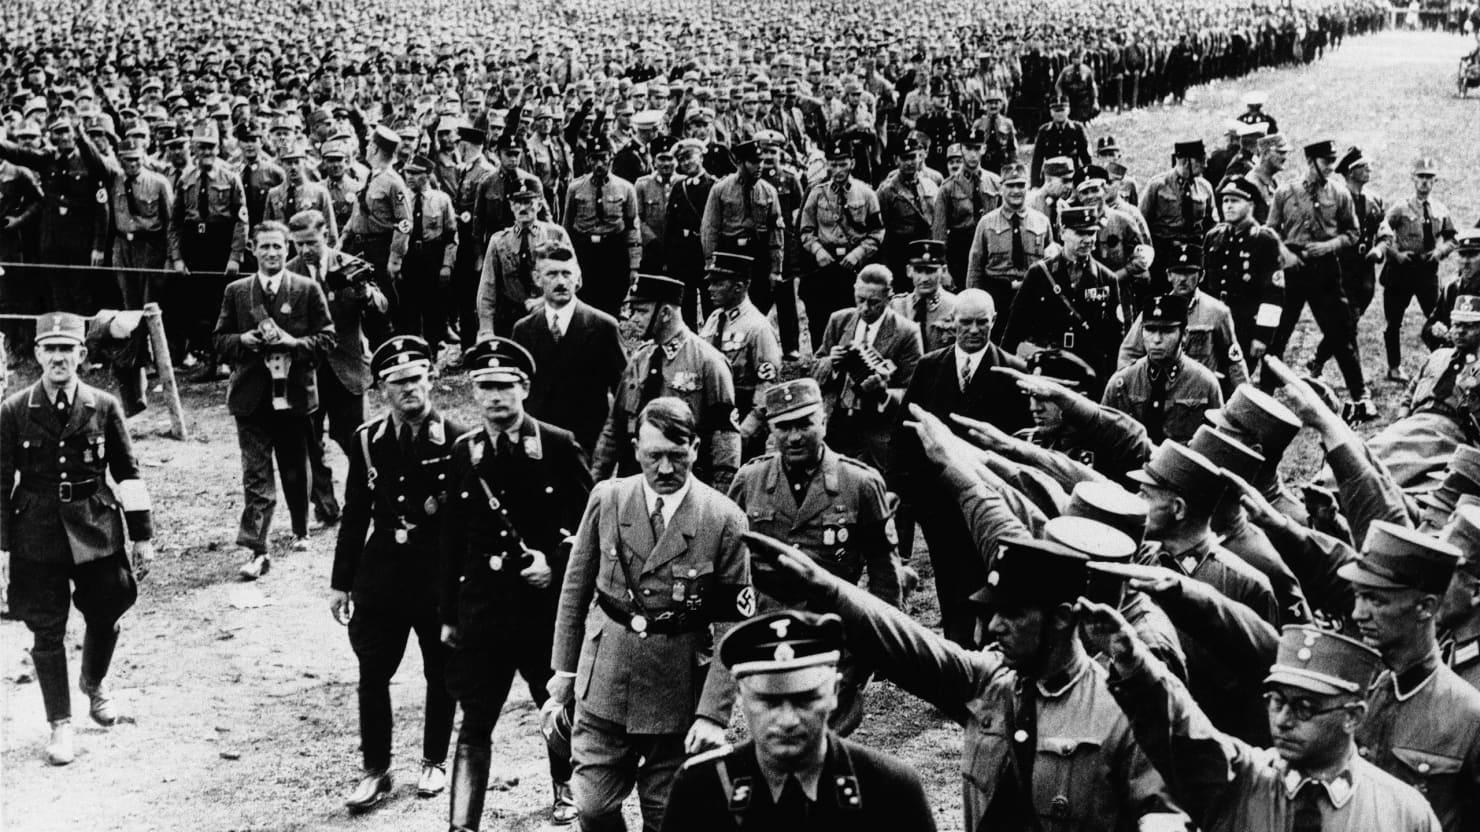 https://debati.bg/wp-content/uploads/2018/08/130508-Schillinger-Nazis-tease_qa3epn.jpg